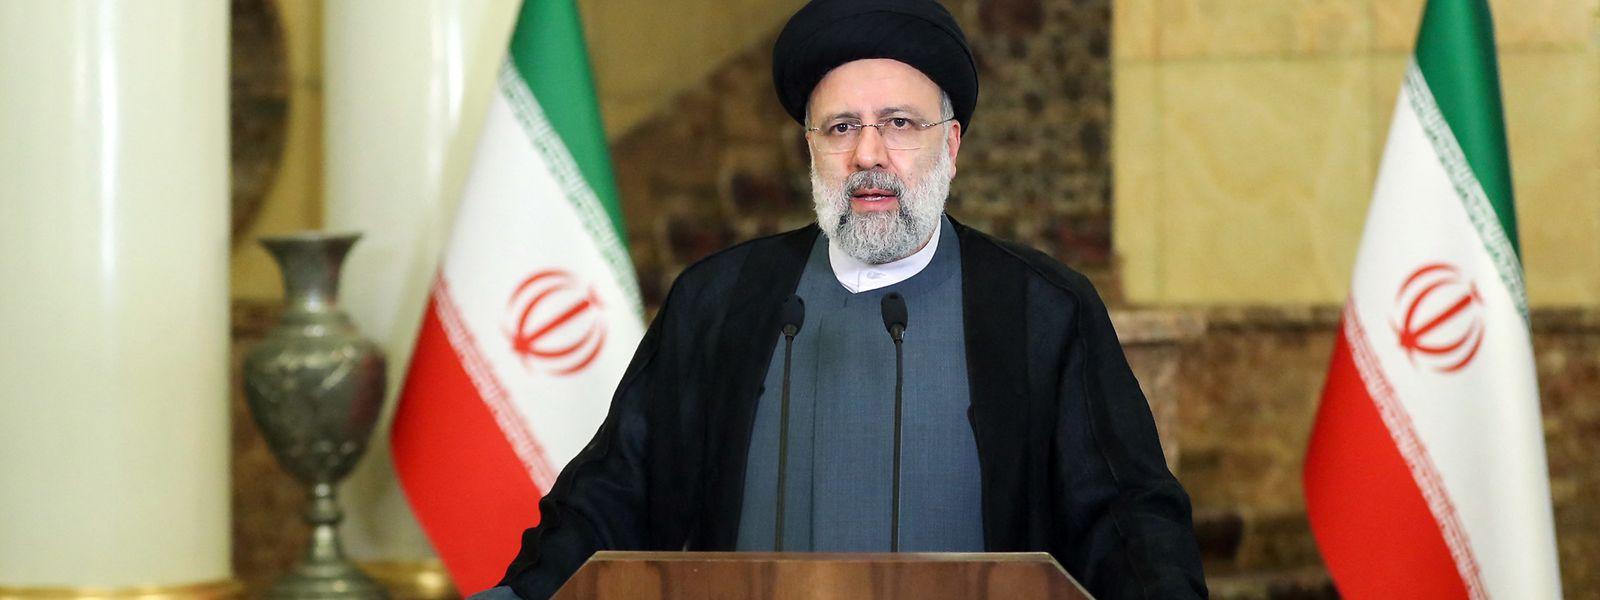 Der iranische Präsident Ibrahim Raisi spricht per Übertragung von Teheran aus zu den Teilnehmern der 76. UNO-Vollversammlung.